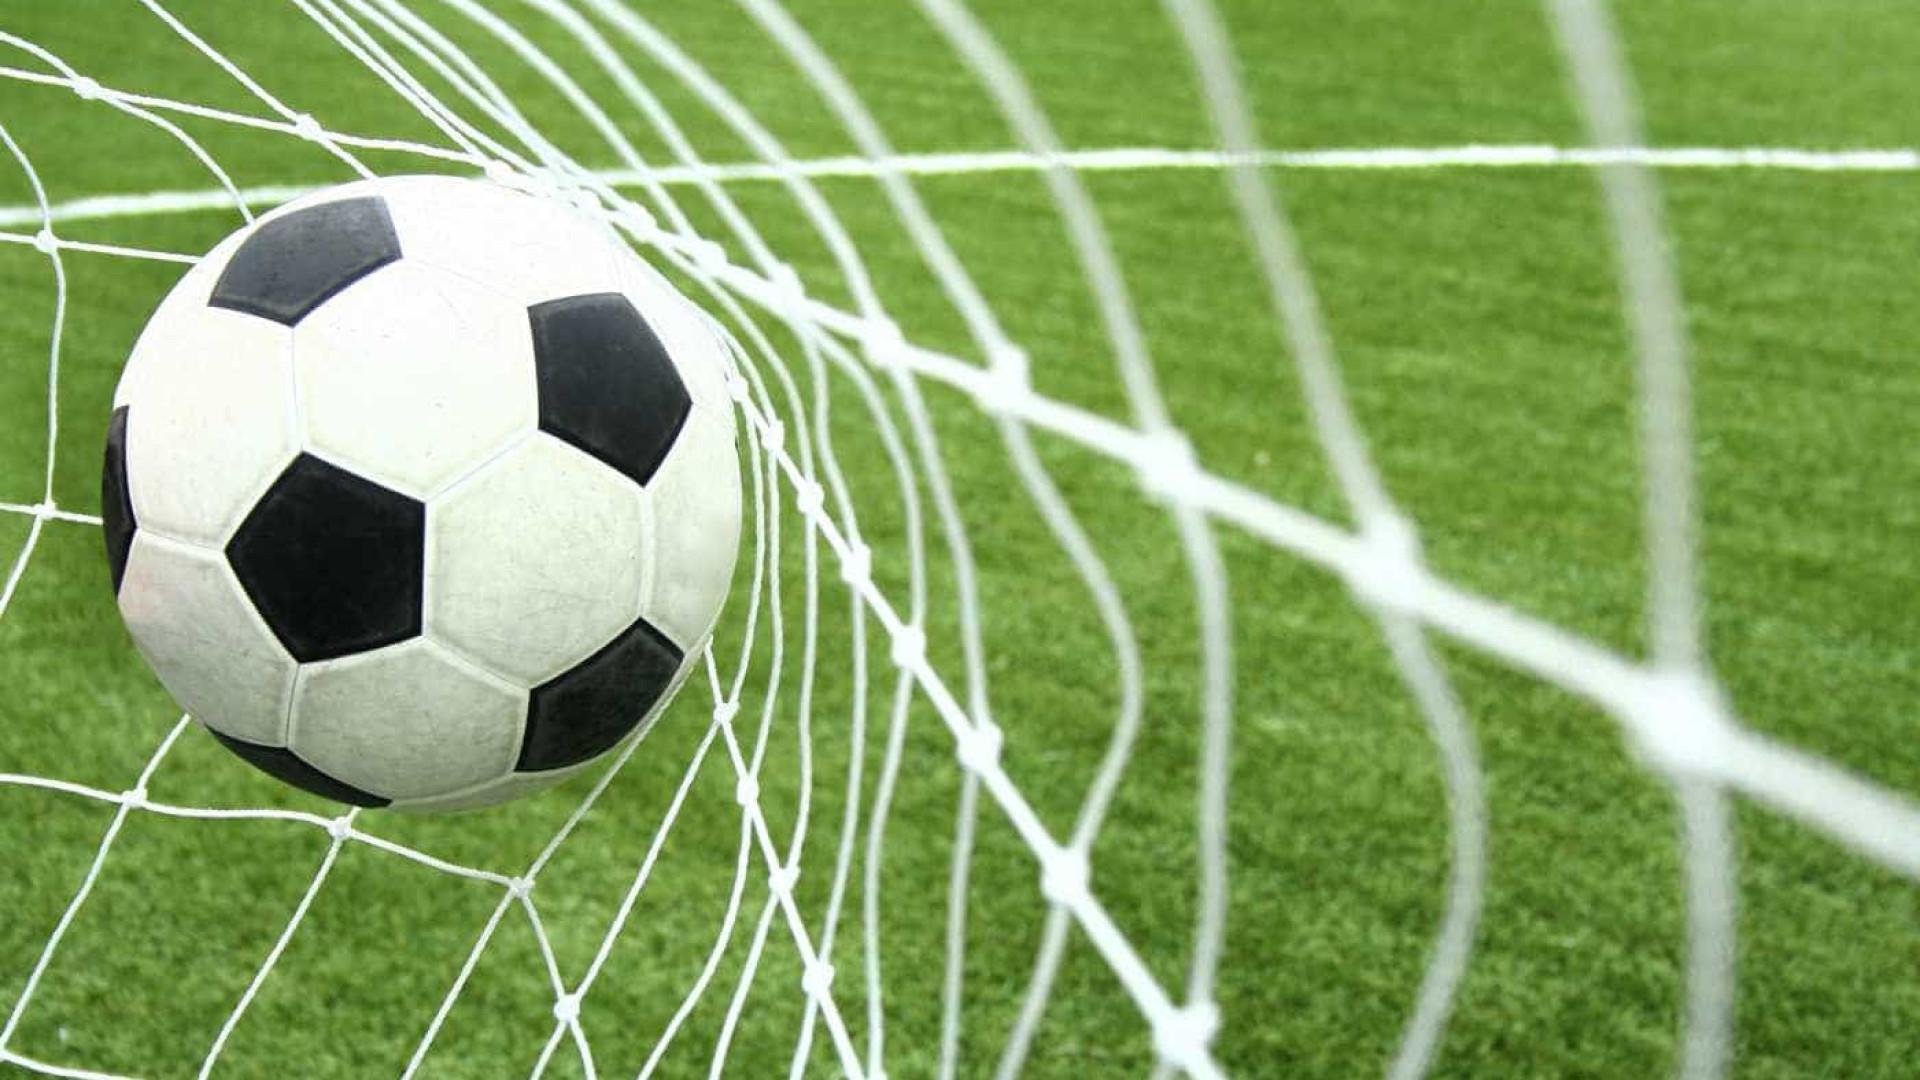 Pesquisa mostra que torcedores de SP acham que futebol é manipulado